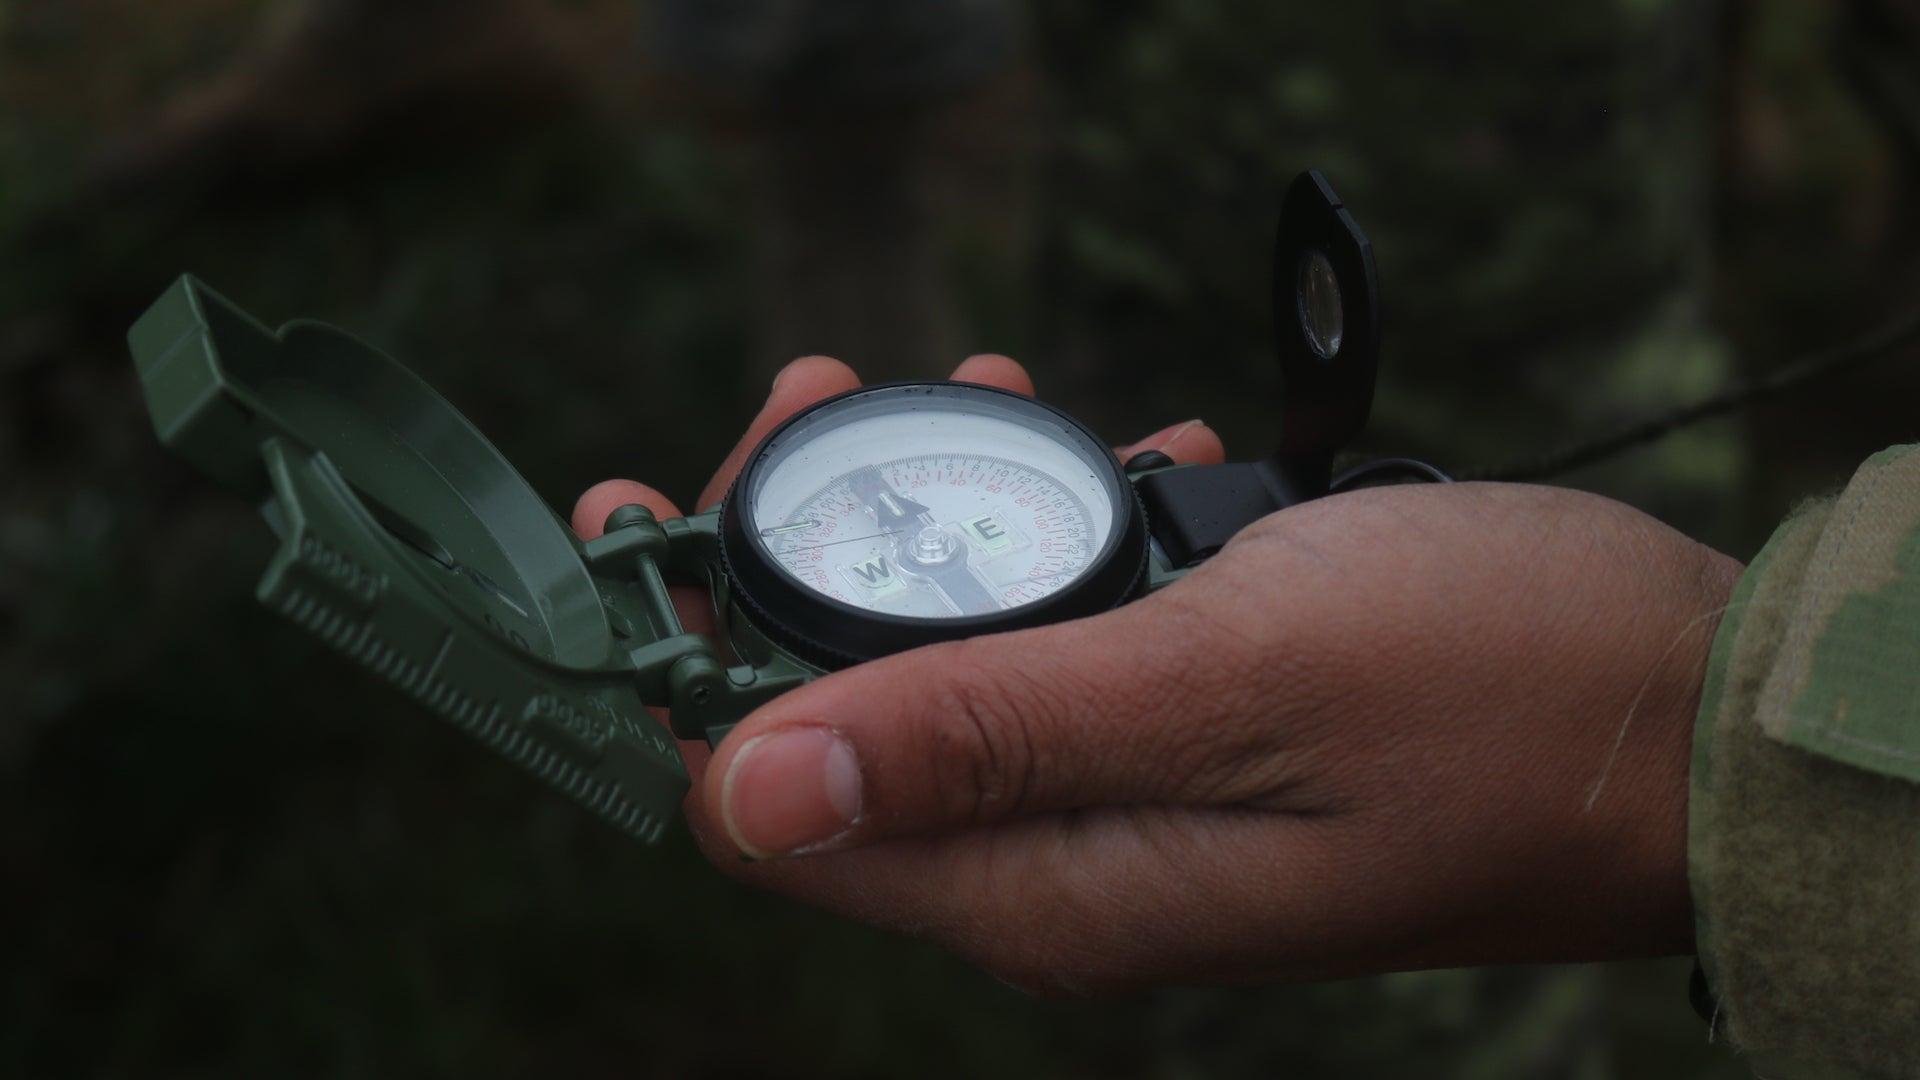 How to use a compass like a master navigator